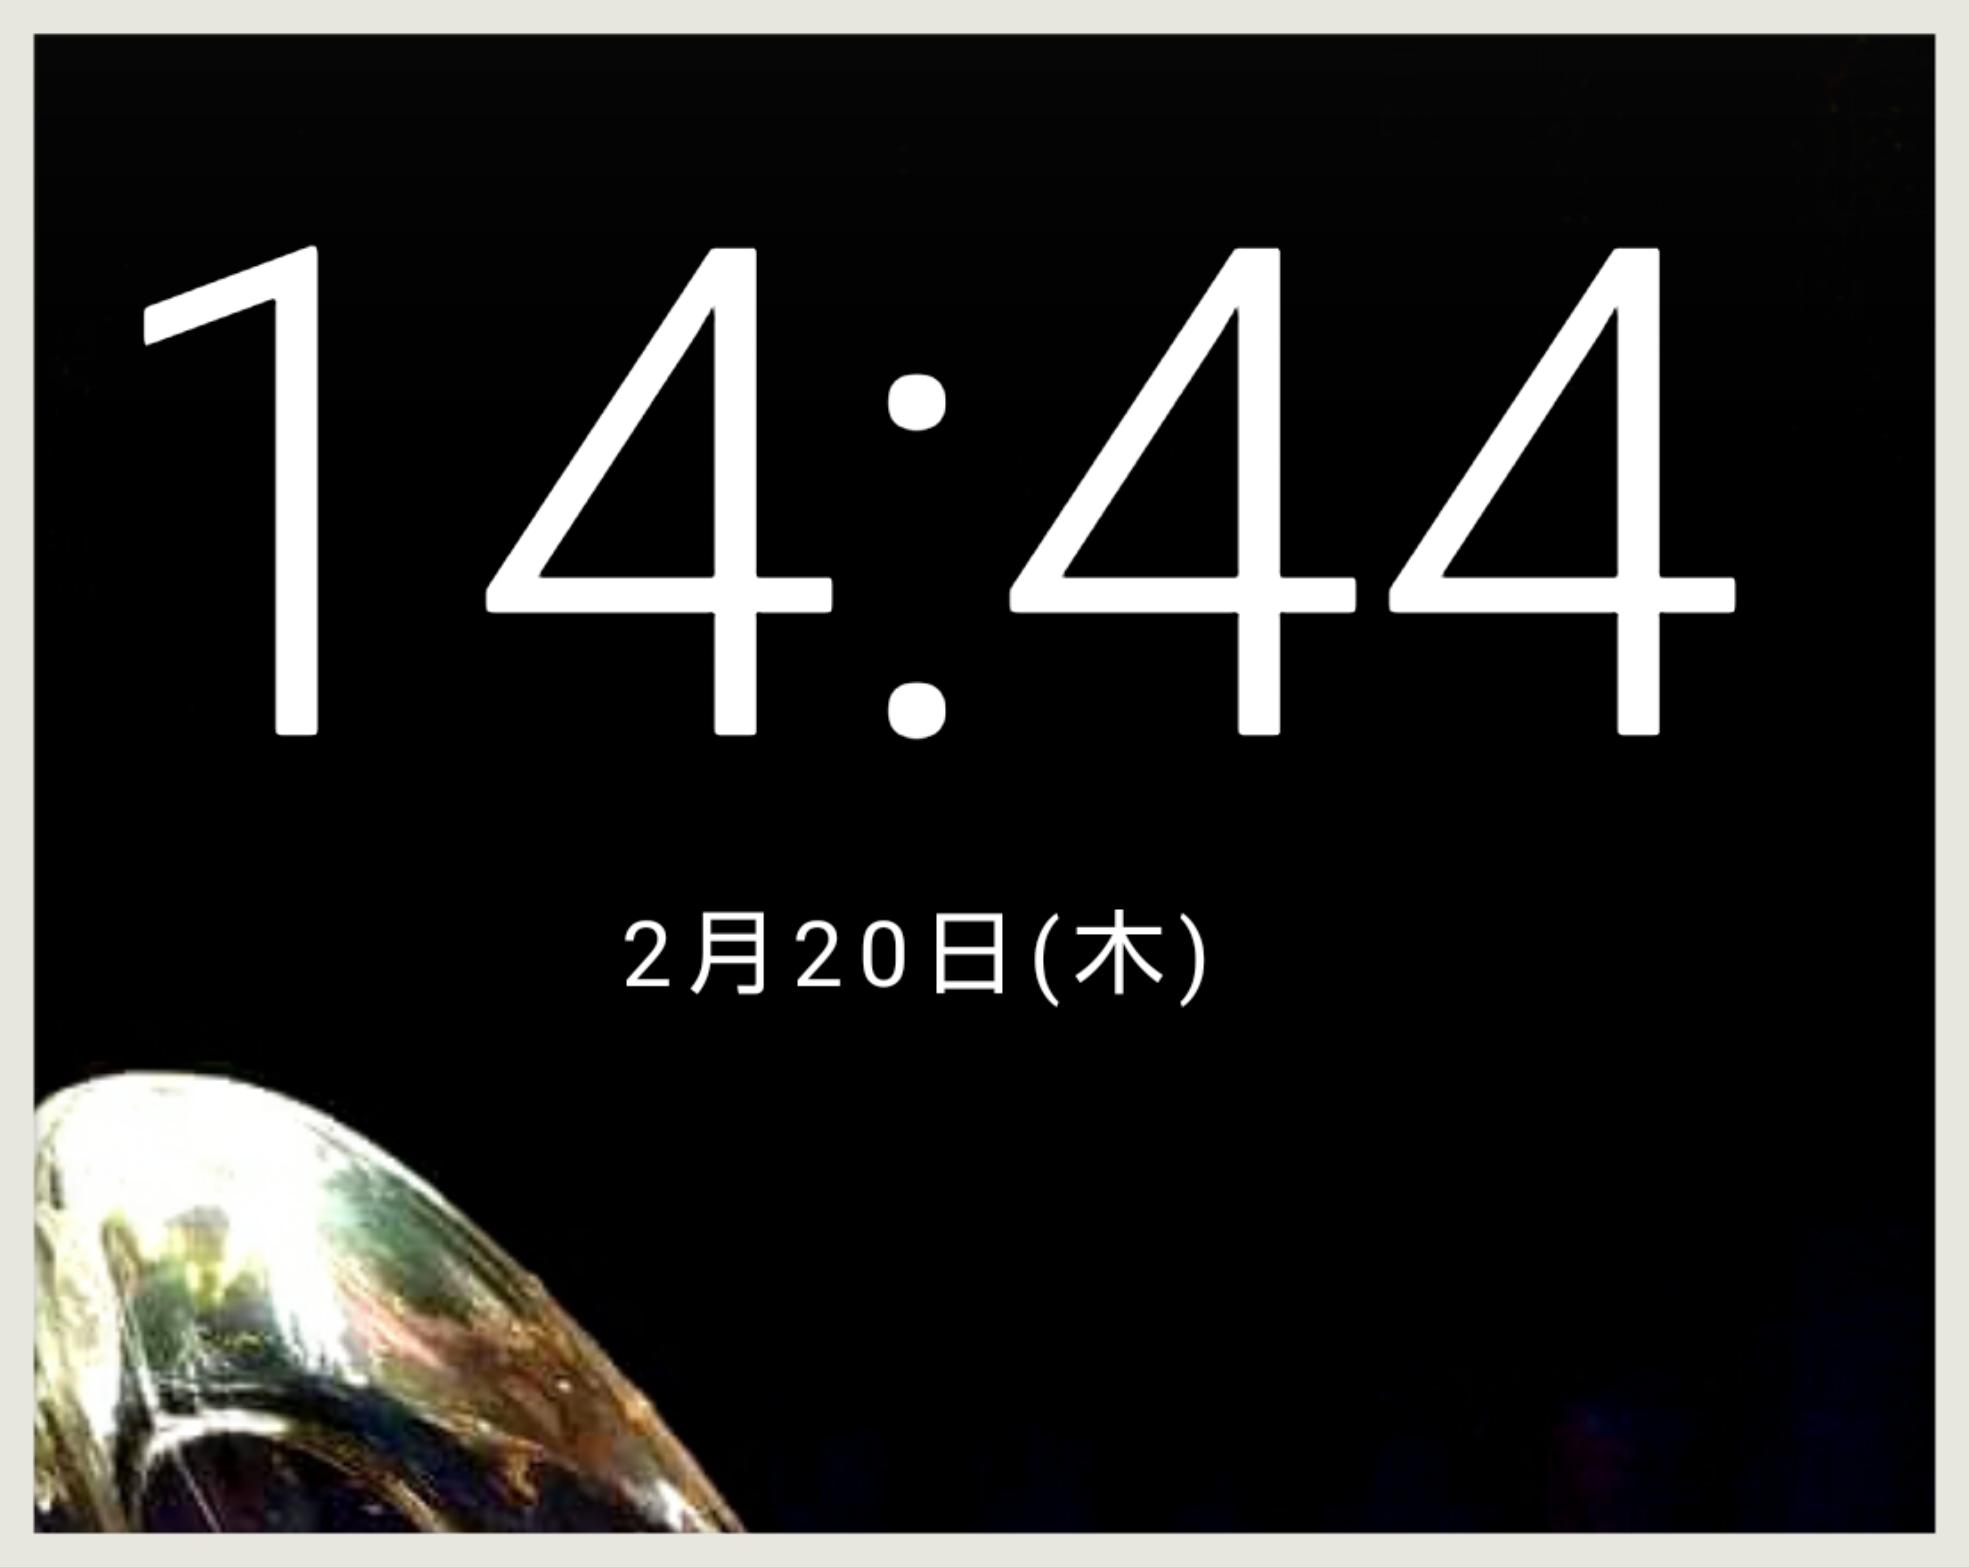 また小市民の喜び(笑) 今夜は福島FMきたかたで「くるナイ」_b0183113_14493597.jpg